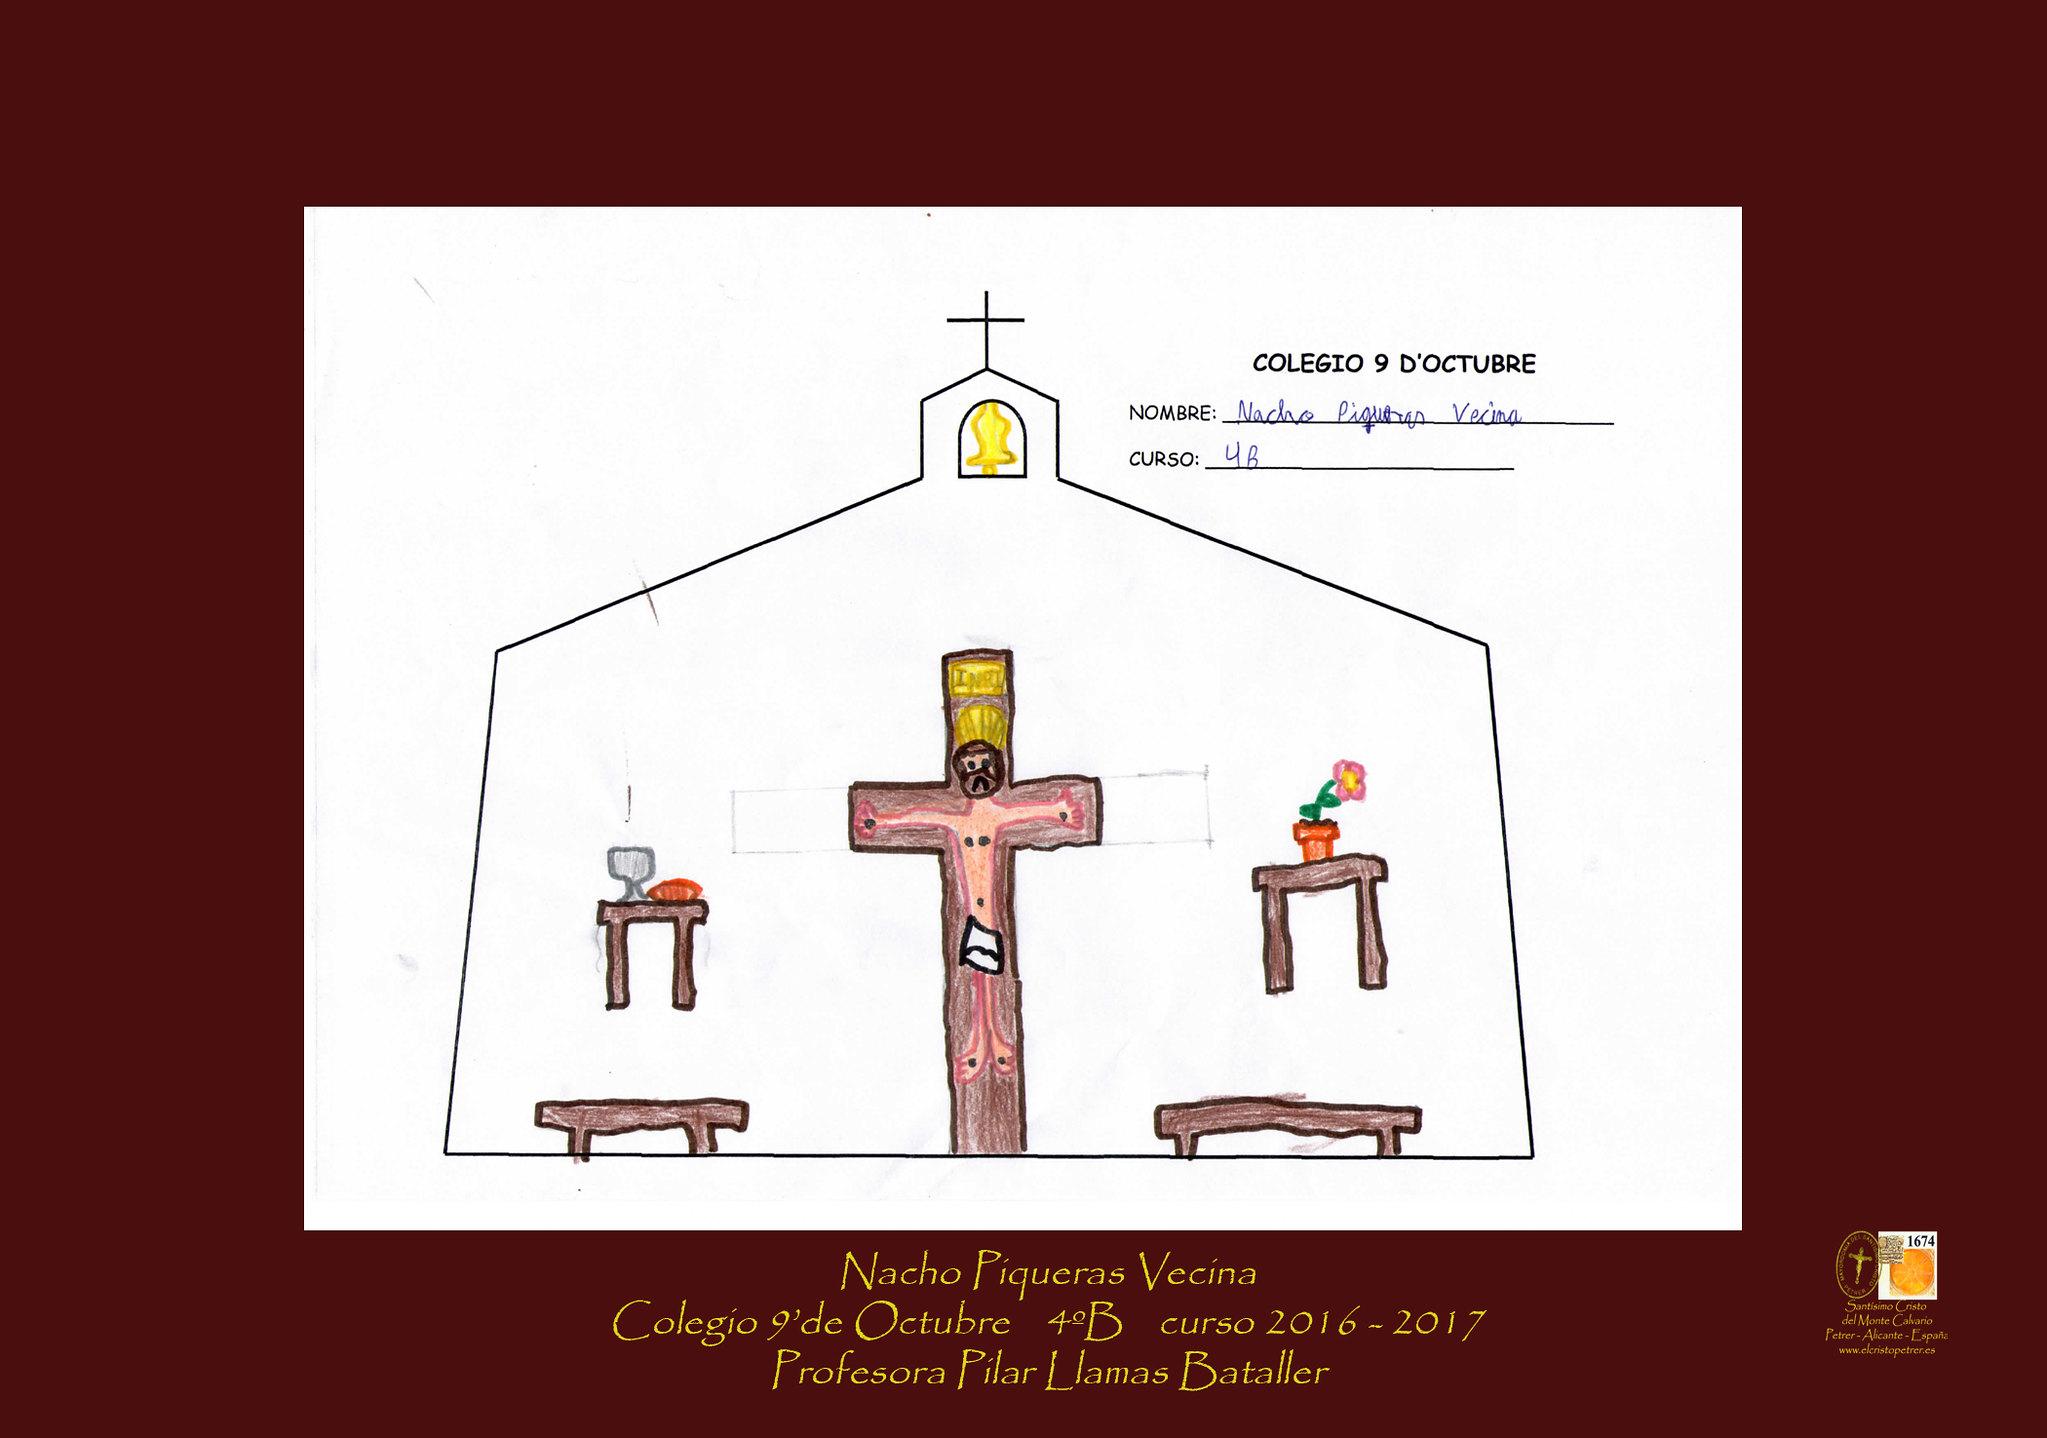 ElCristo - Actos - Exposicion Fotografica - (2017-12-01) - 9 D'Octubre - 4ºB - Piqueras Vecina, Nacho